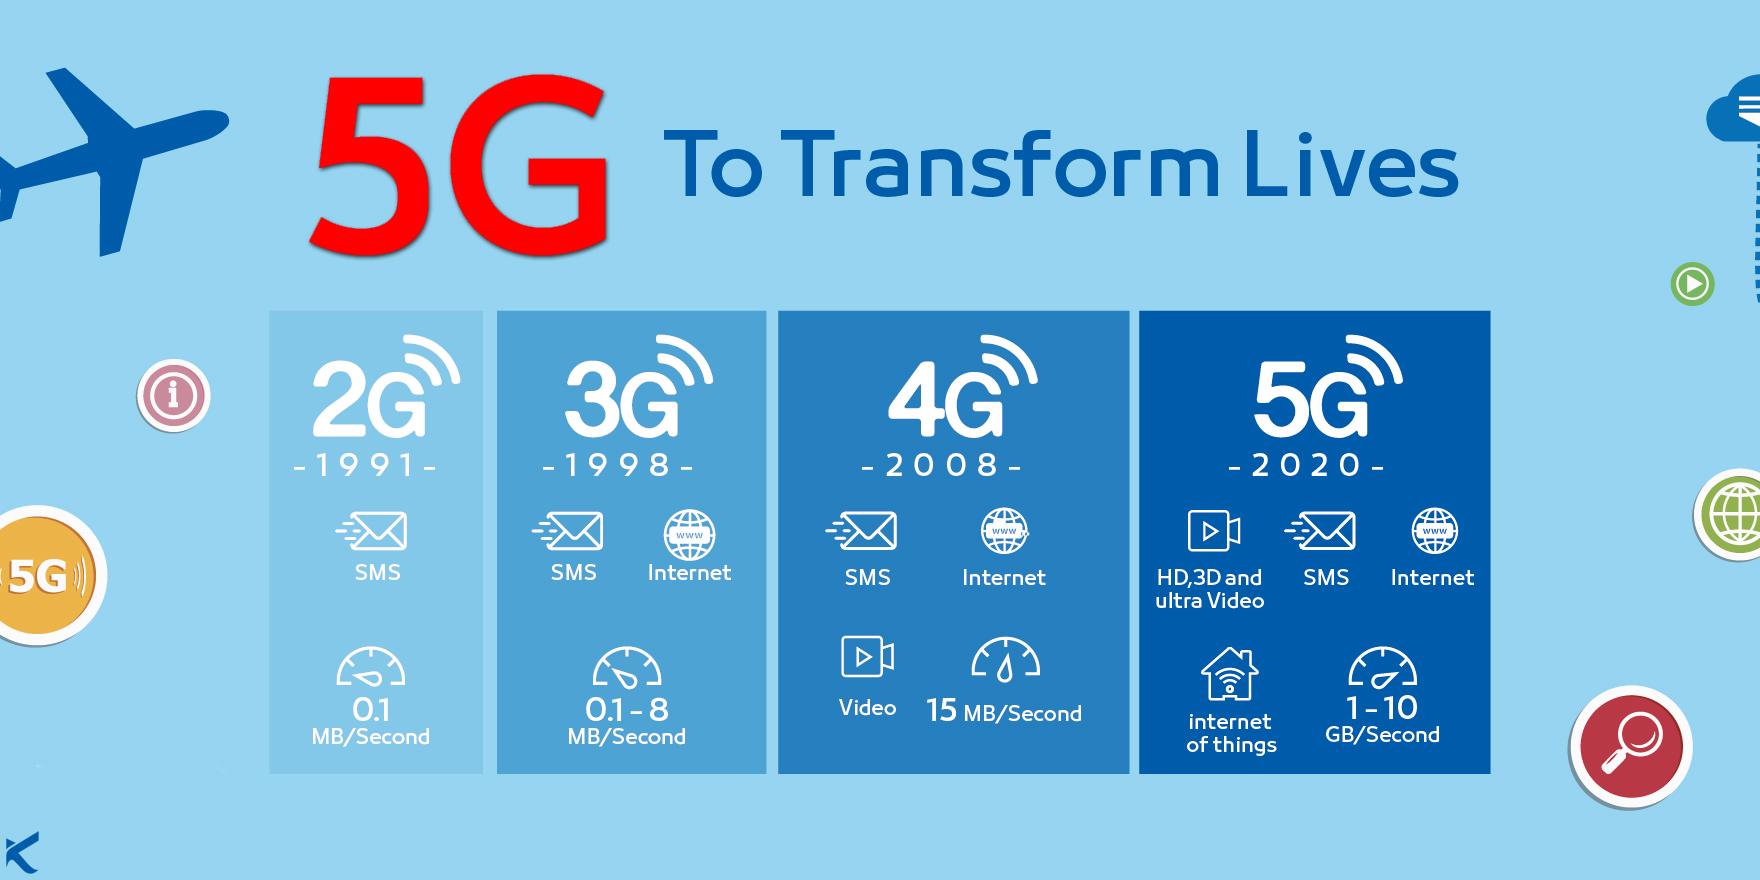 اینترنت5G 1G 2G 3G 4G